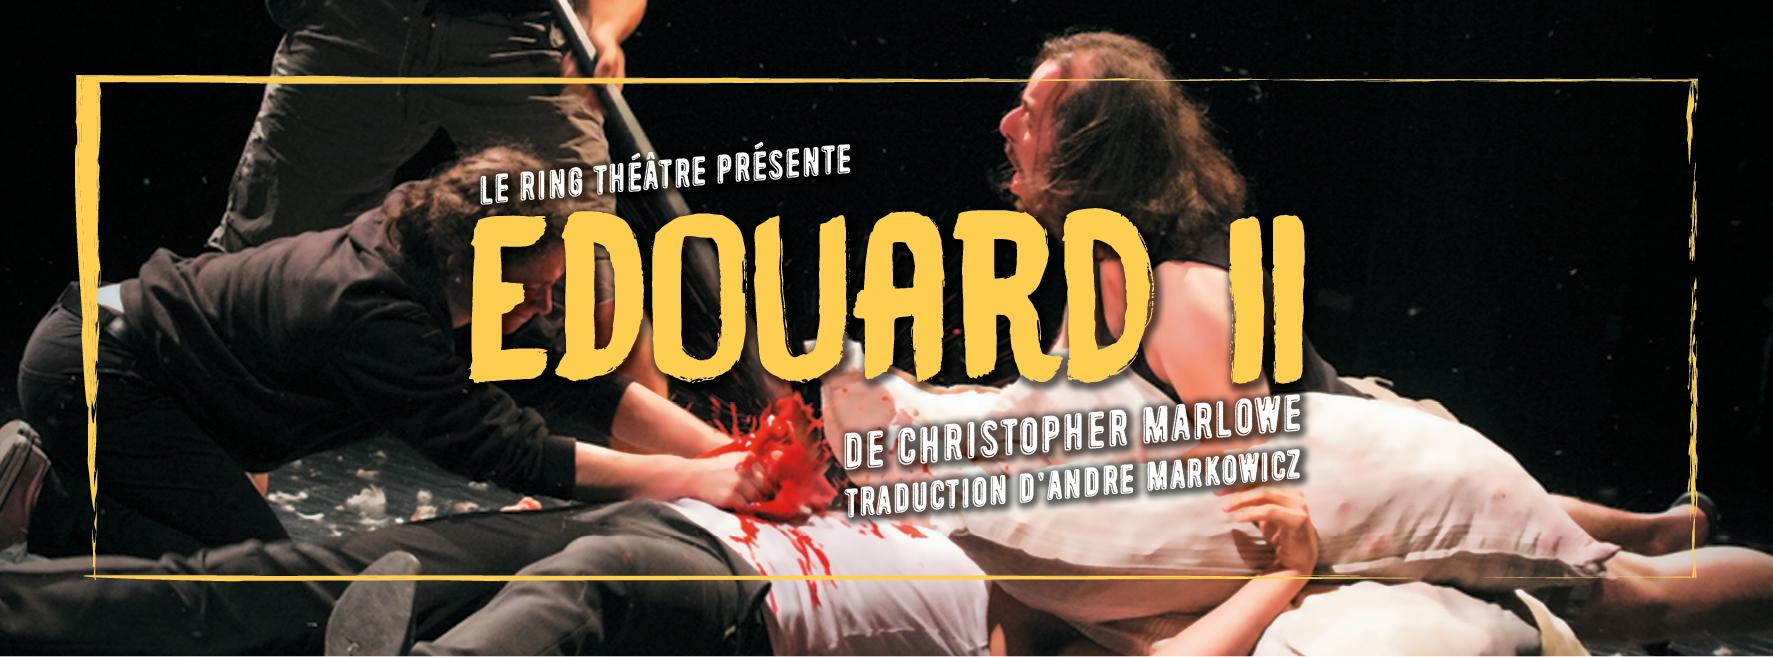 Edouard II - Ring Théâtre